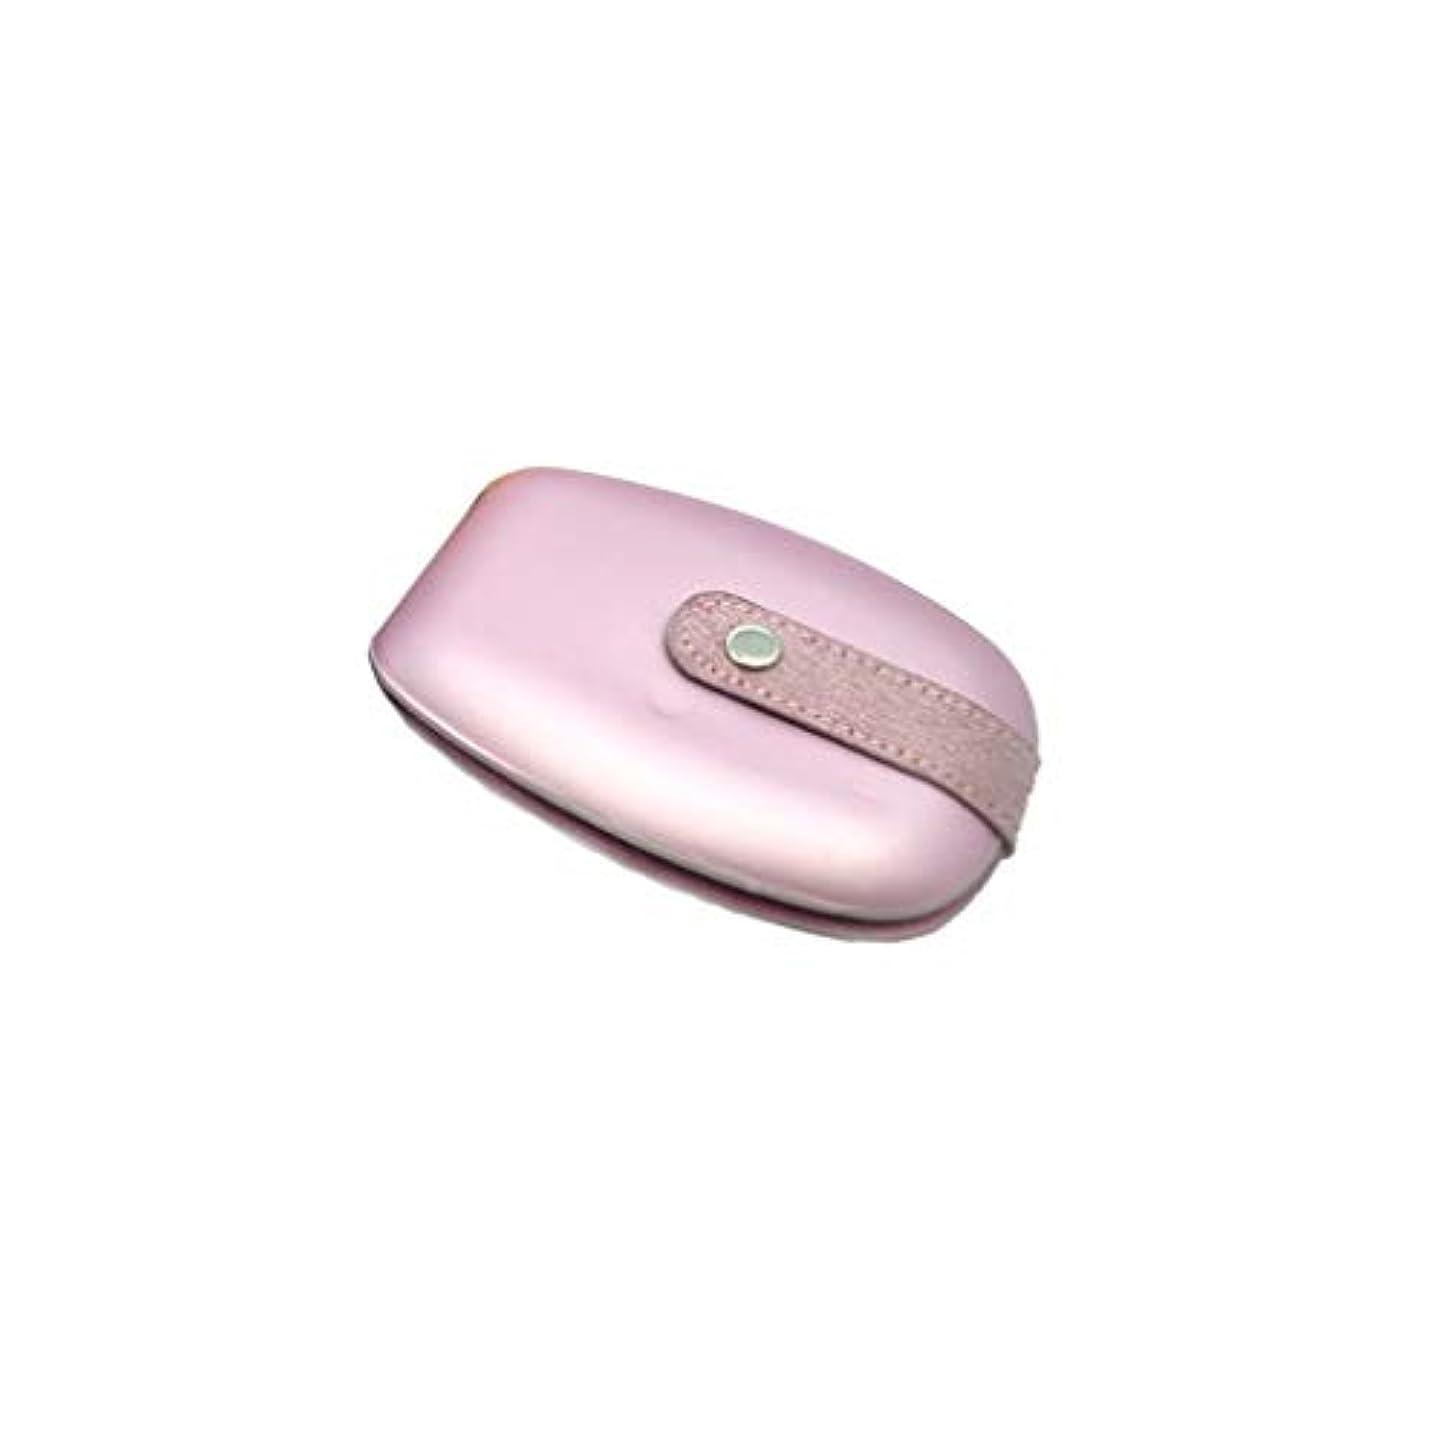 ステープルウッズぬいぐるみペディキュアマニキュアセットネイルケアはさみ旅行セットネイルツール (Color : C)